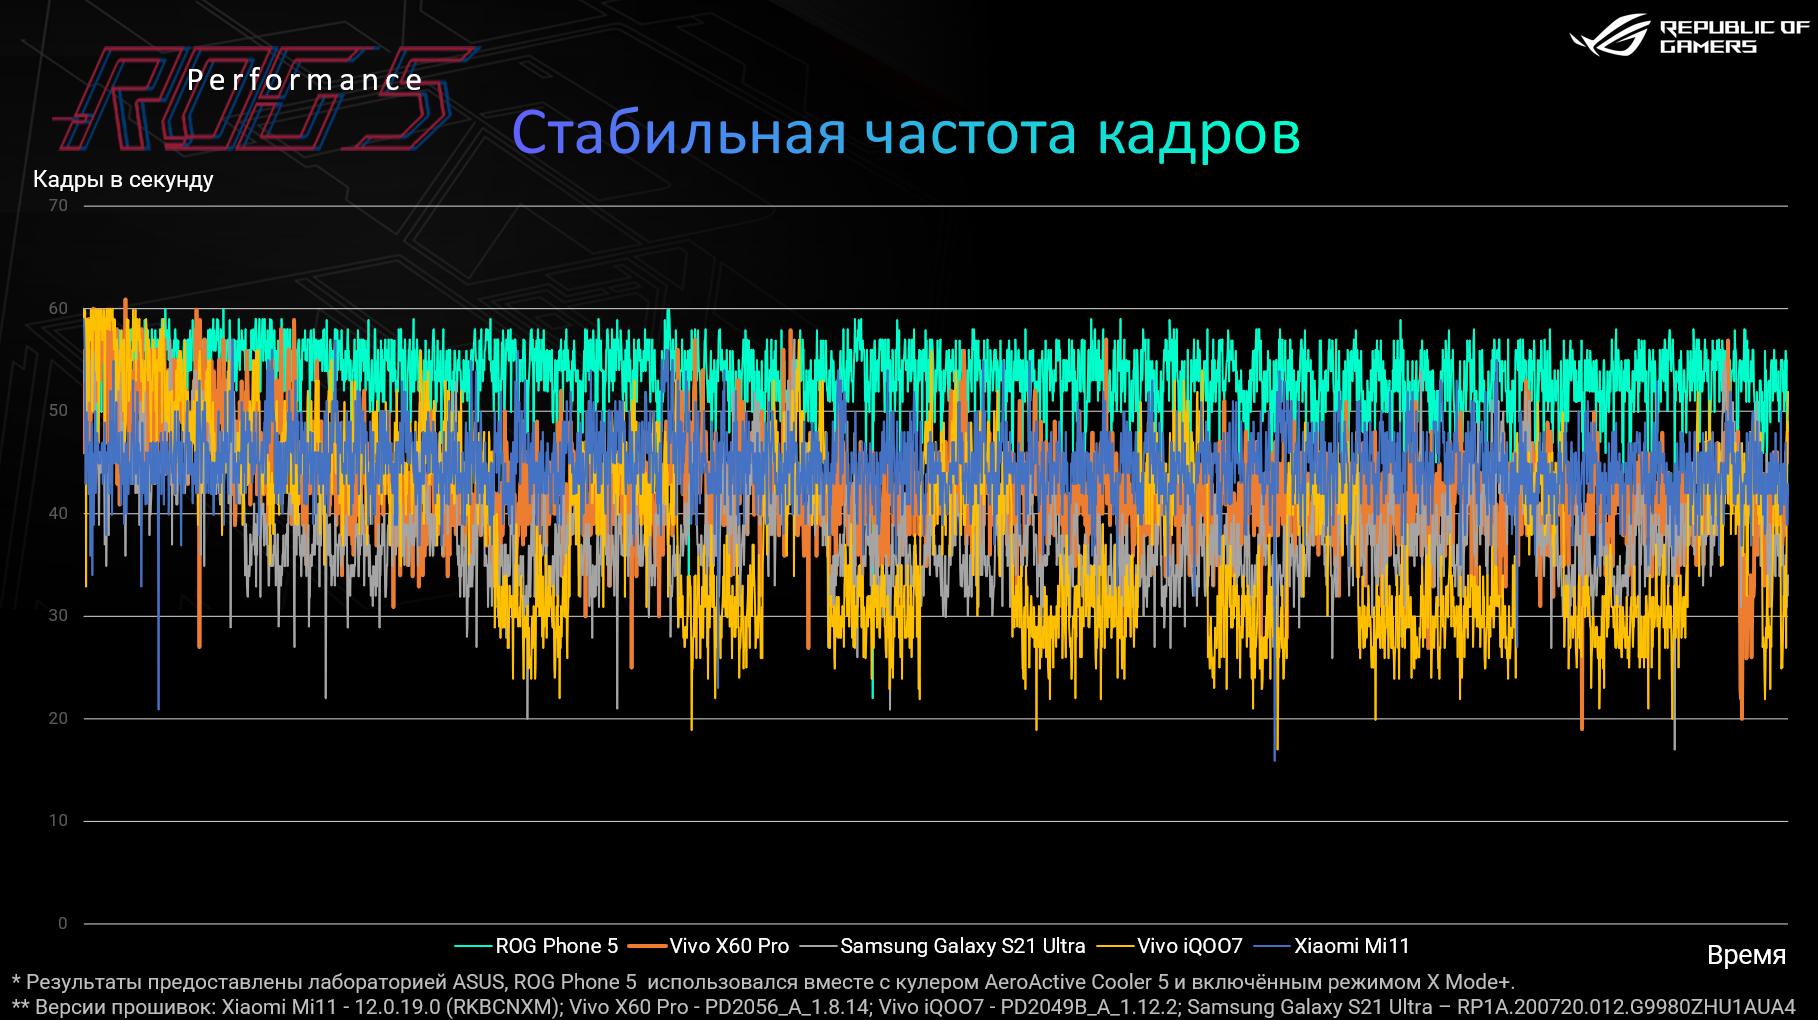 Частота кадров ROG Phone 5 по результатам внутреннего тестирования